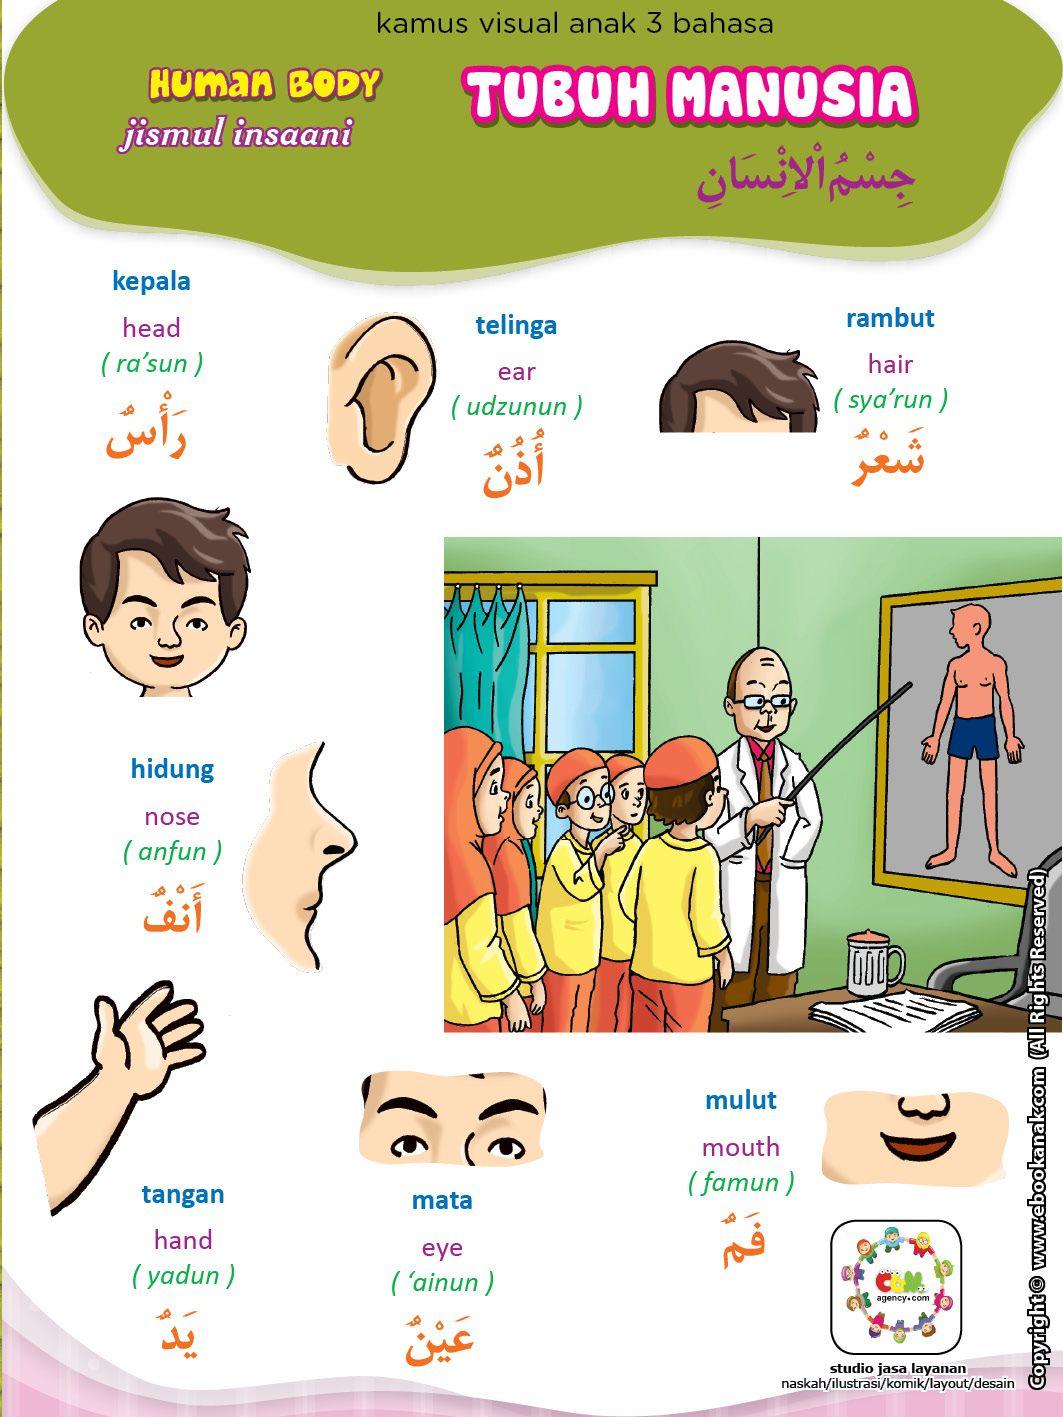 Tubuh Manusia (1) Tubuh manusia, Manusia, Bahasa